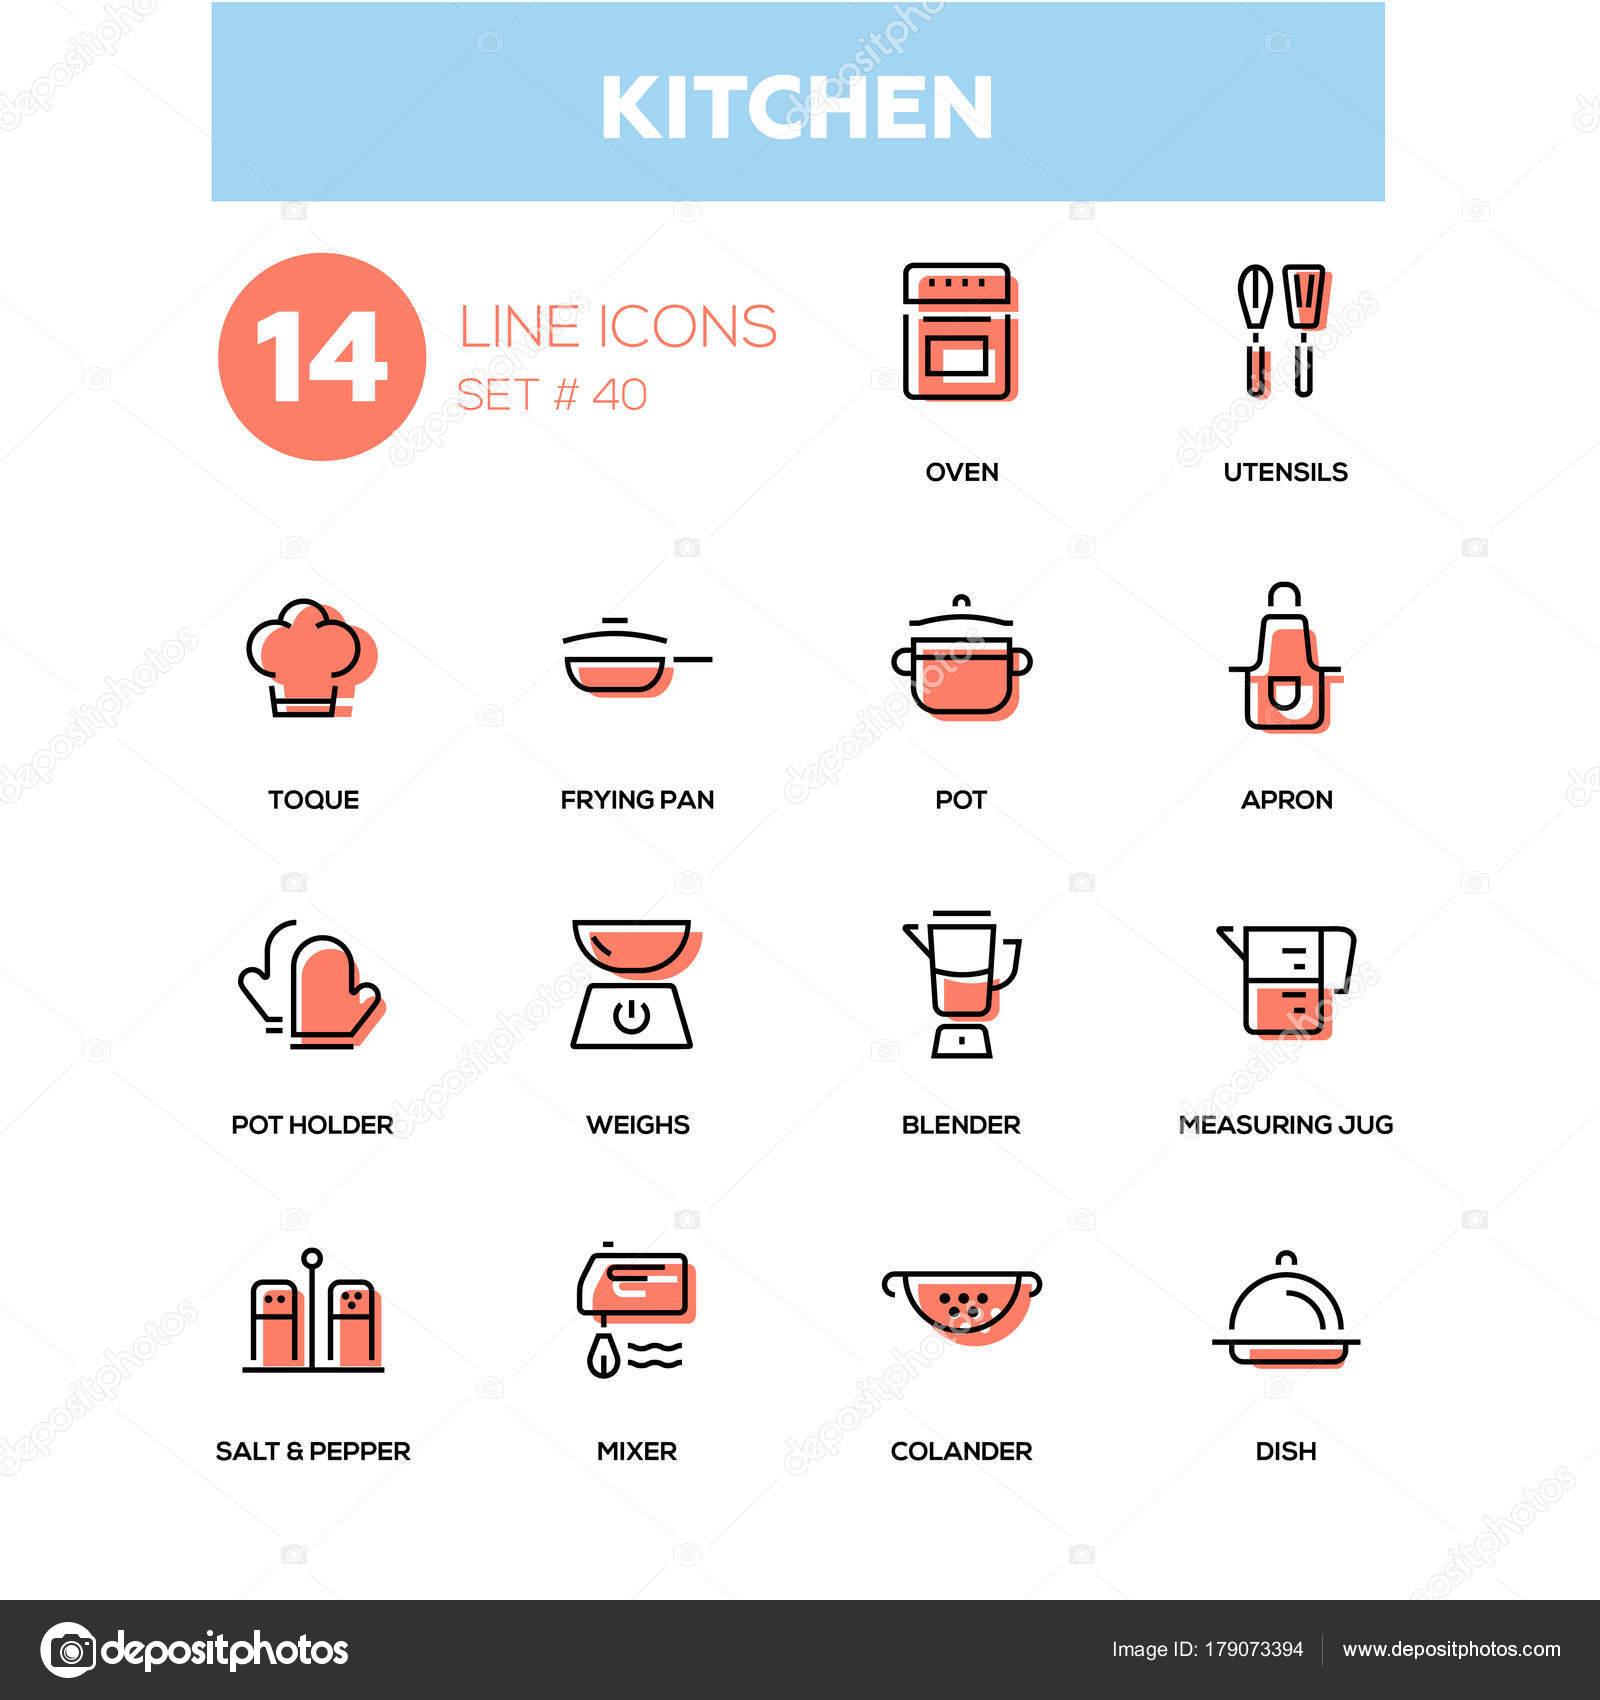 Utensilios de cocina - línea diseño iconos conjunto — Archivo ...